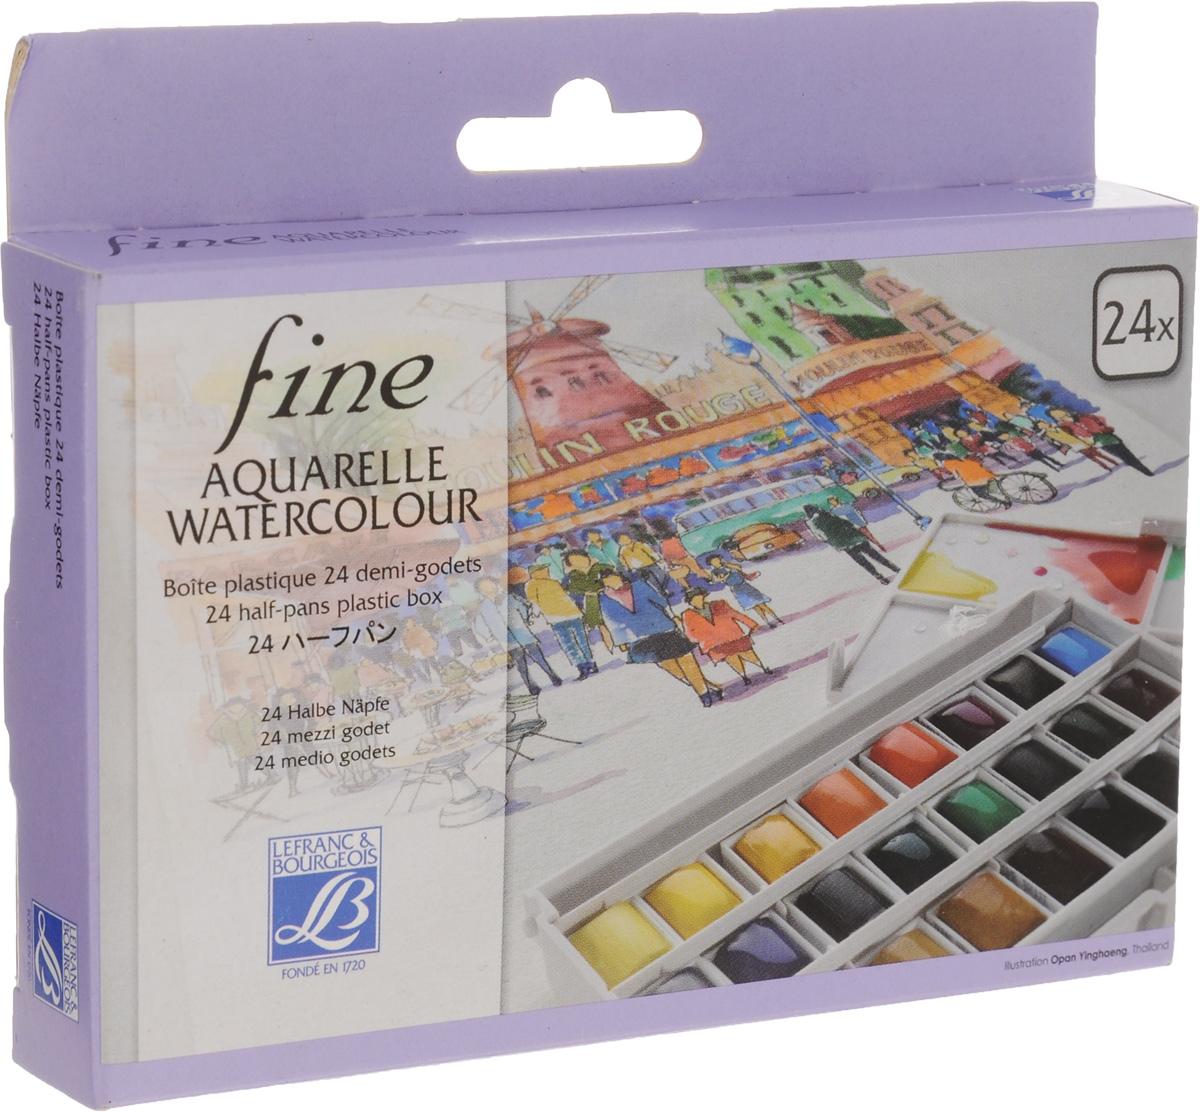 Набор акварельных красок Lefranc & Bourgeois Fine, 24 цветаC13S041944Набор акварельных красок Lefranc & Bourgeois Fine состоит из 24 кюветов разных цветов в пластиковой коробке. Крышка коробки может использоваться как палитра. Данная форма акварели эффективна в работе над небольшими картинами, а также на пленэре при выполнении набросков.